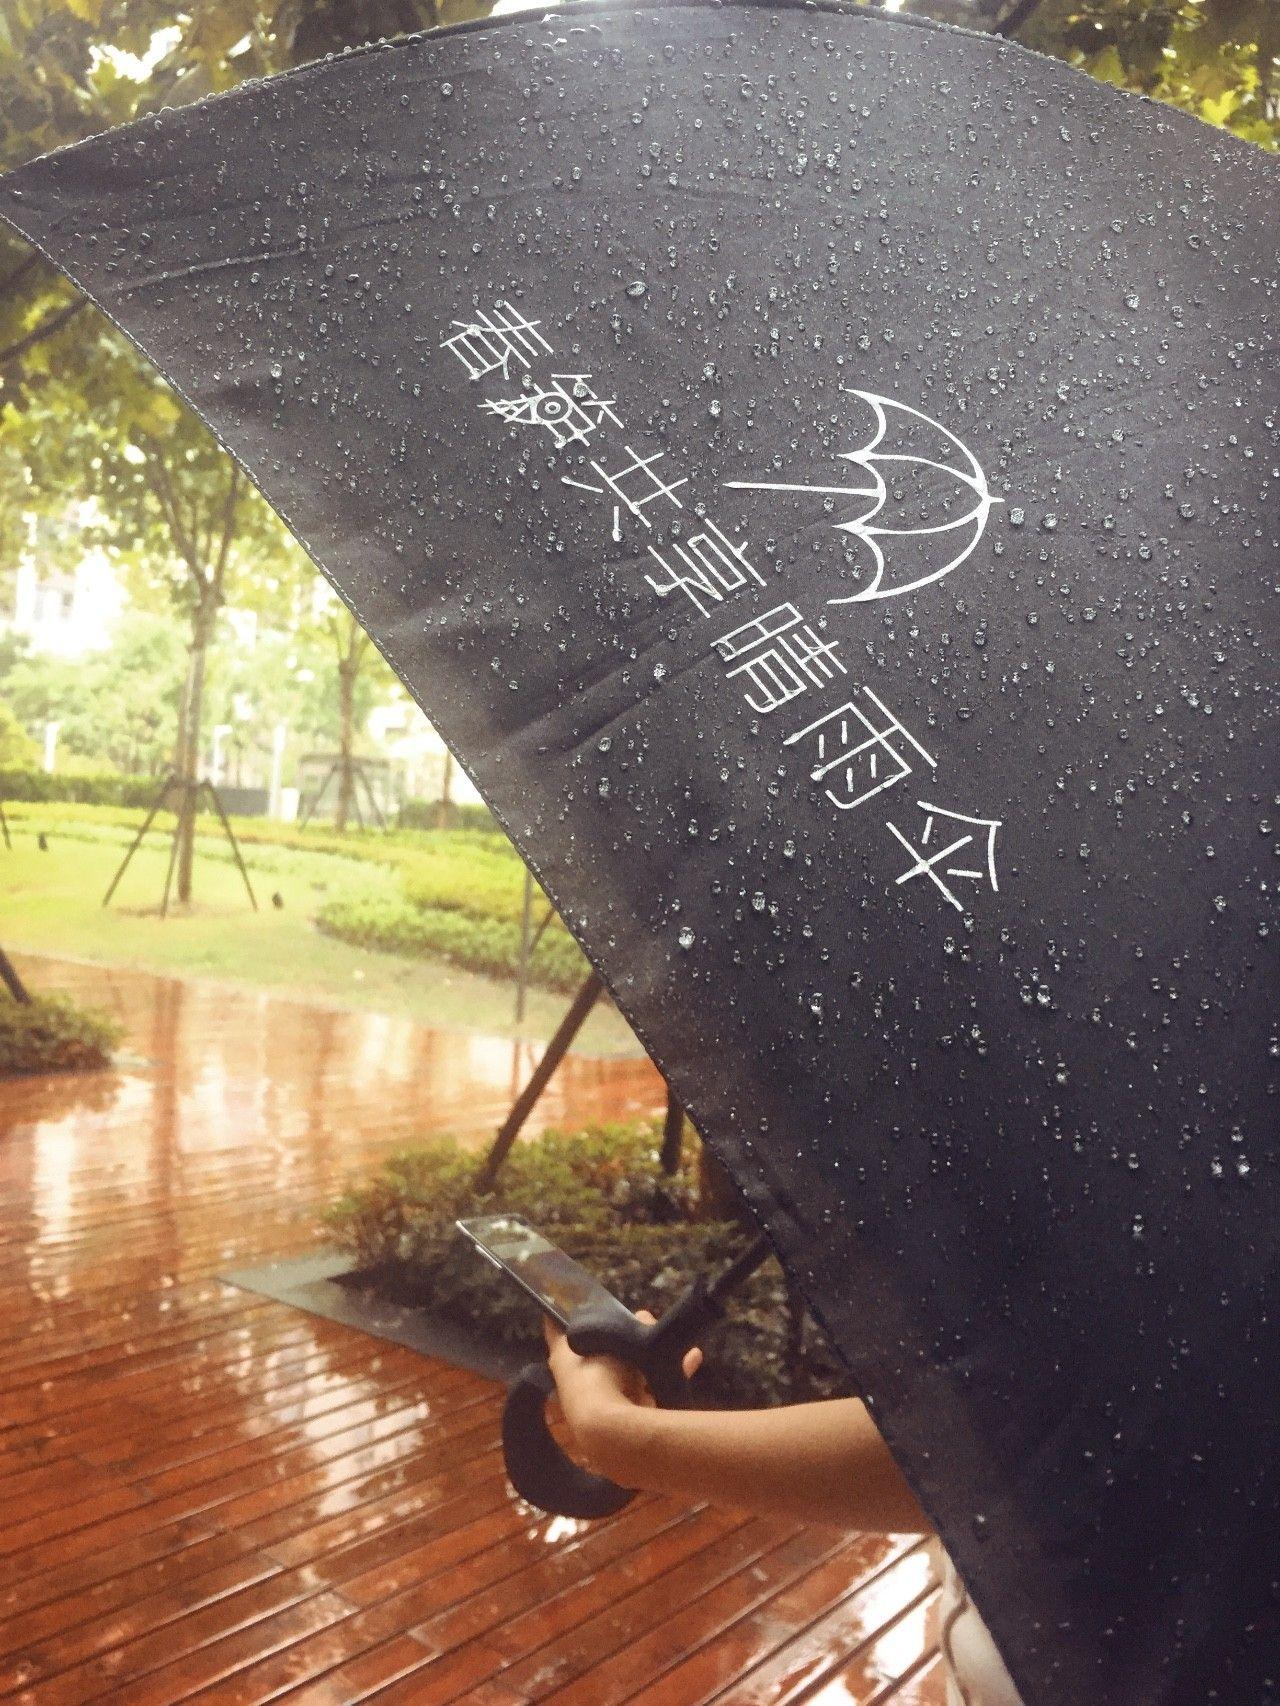 """共享雨伞再获1200万元融资,薛蛮子领投,和地铁口""""黑摩的""""一起消失的还会有10元廉价伞.."""